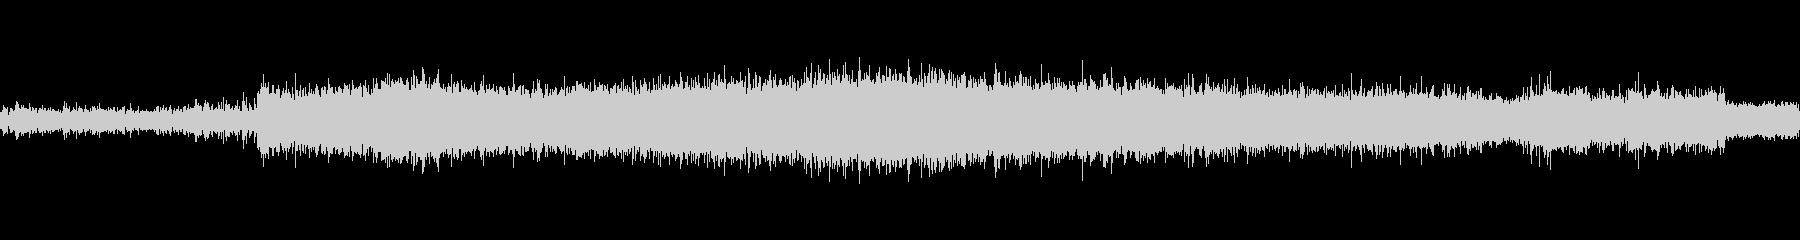 アーク溶接機:エアリー、常時溶接、...の未再生の波形